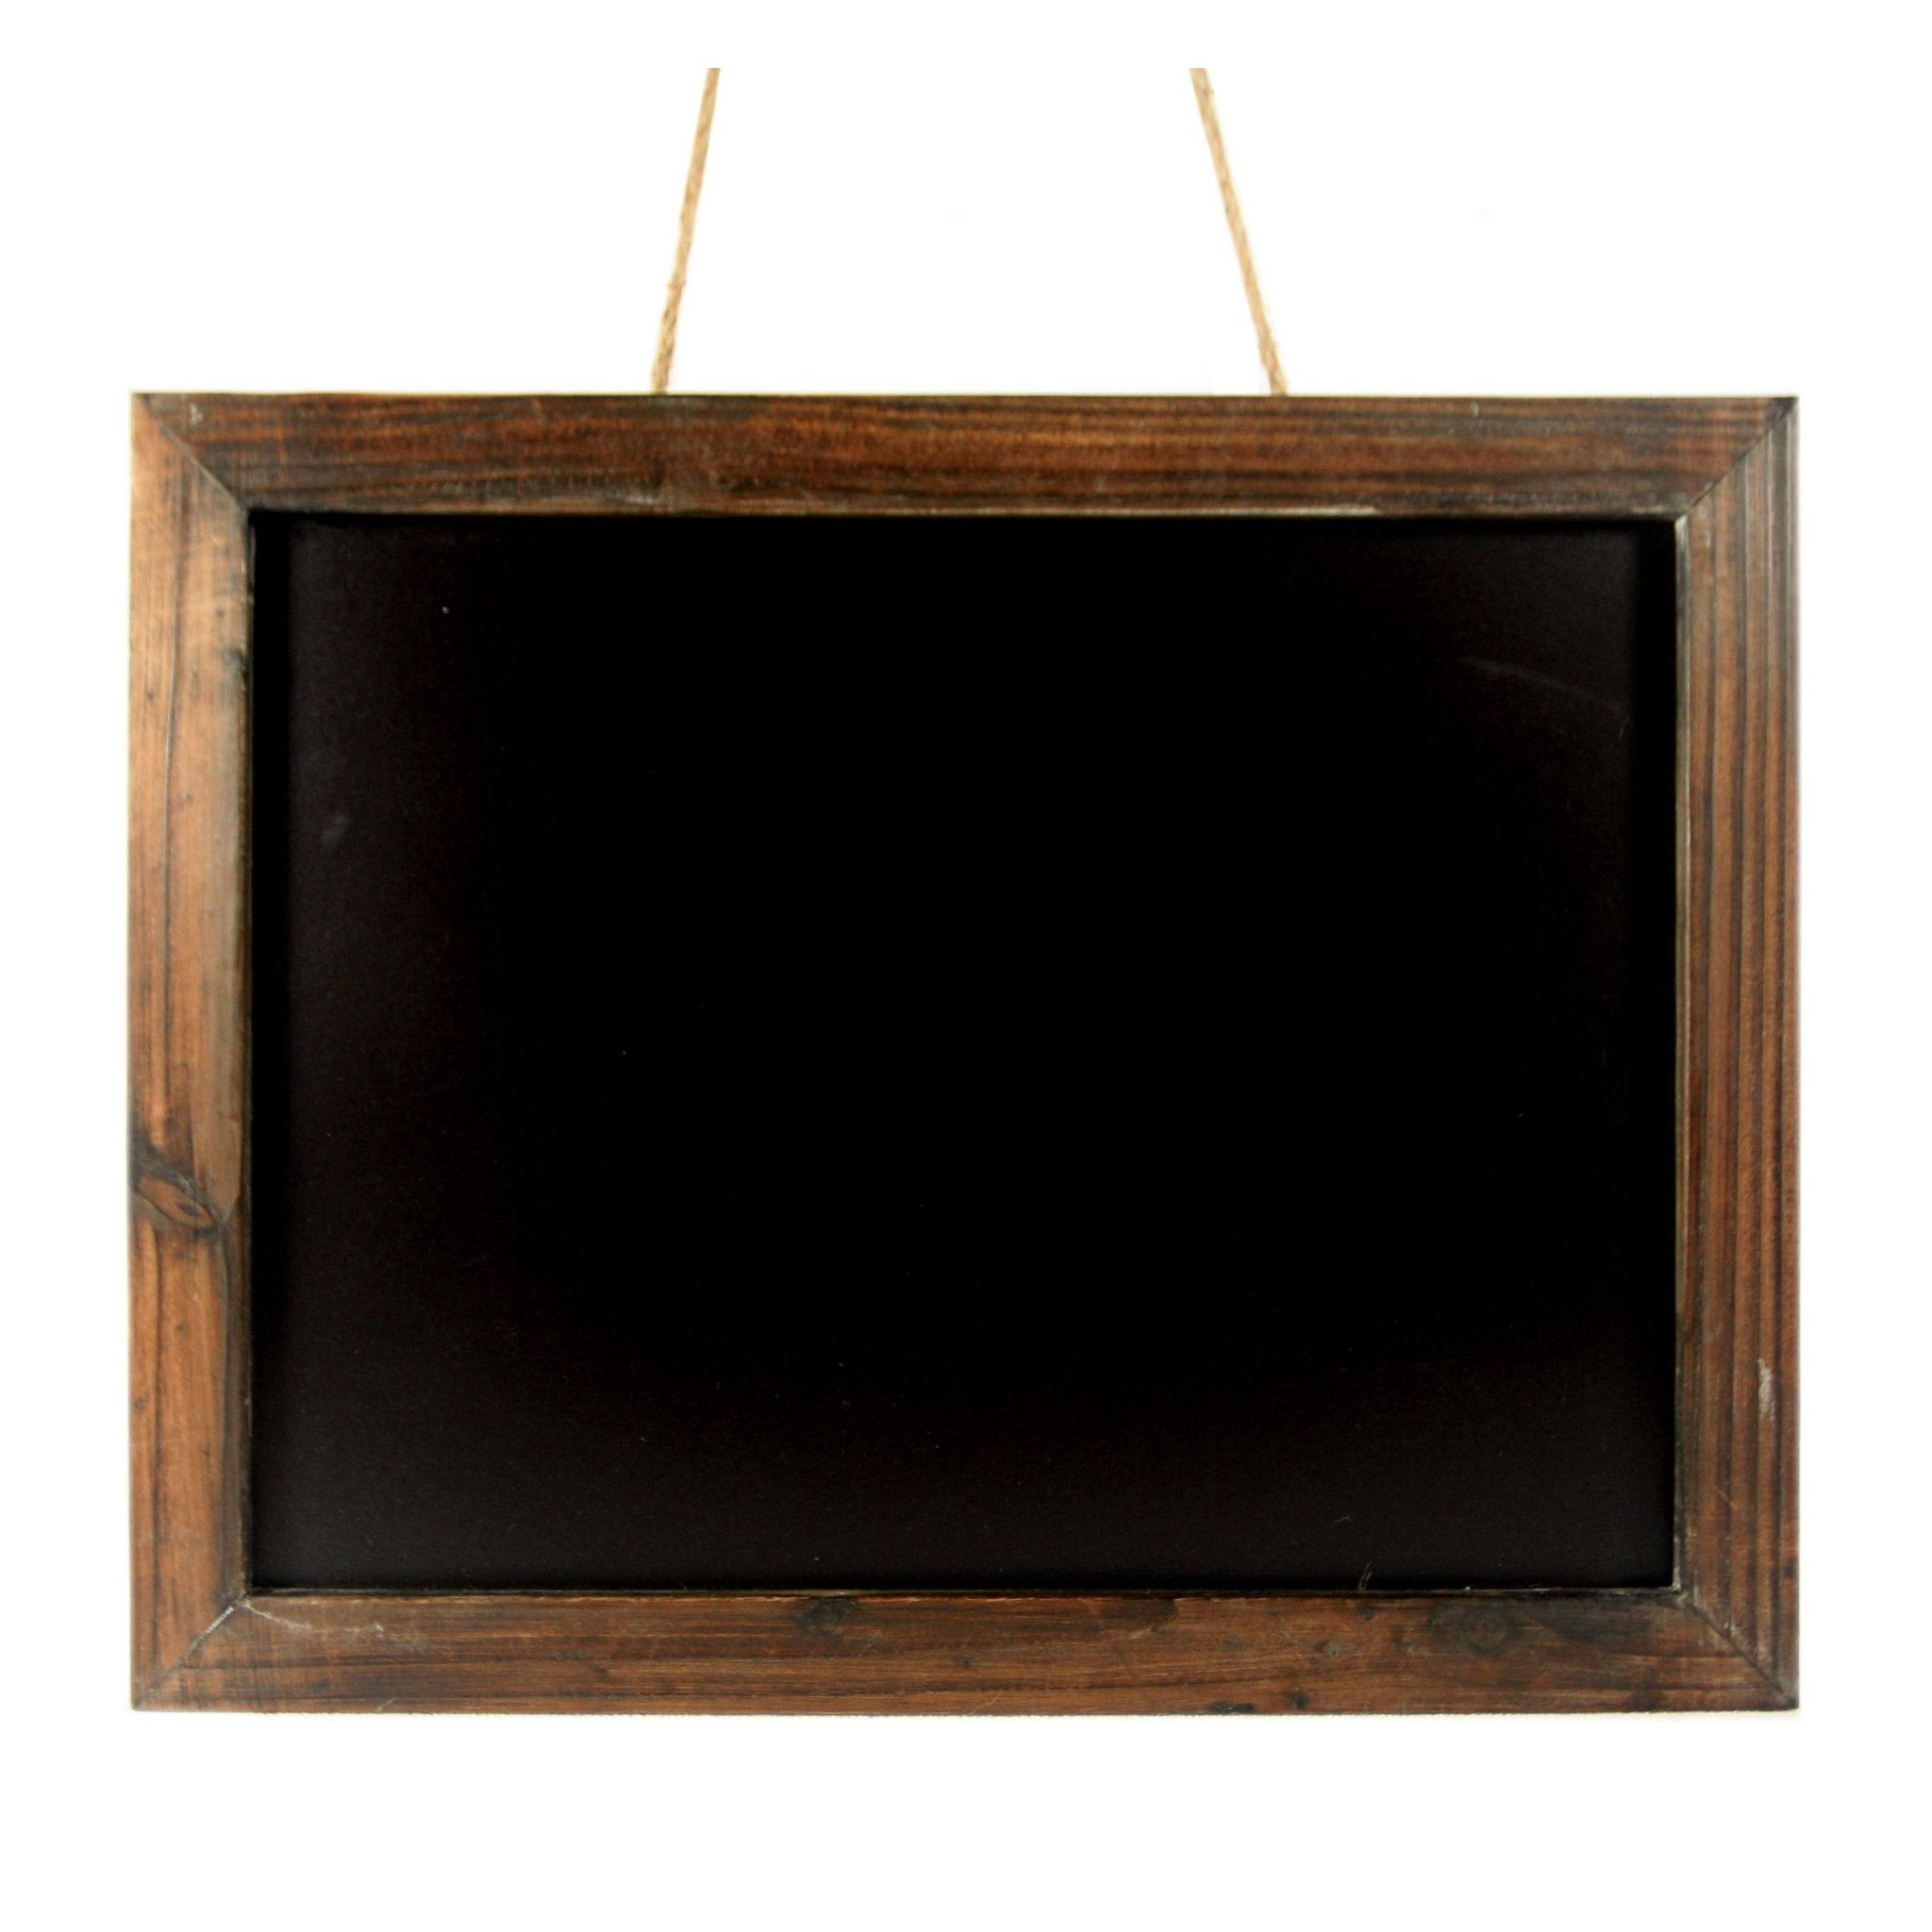 antique brown wood frame